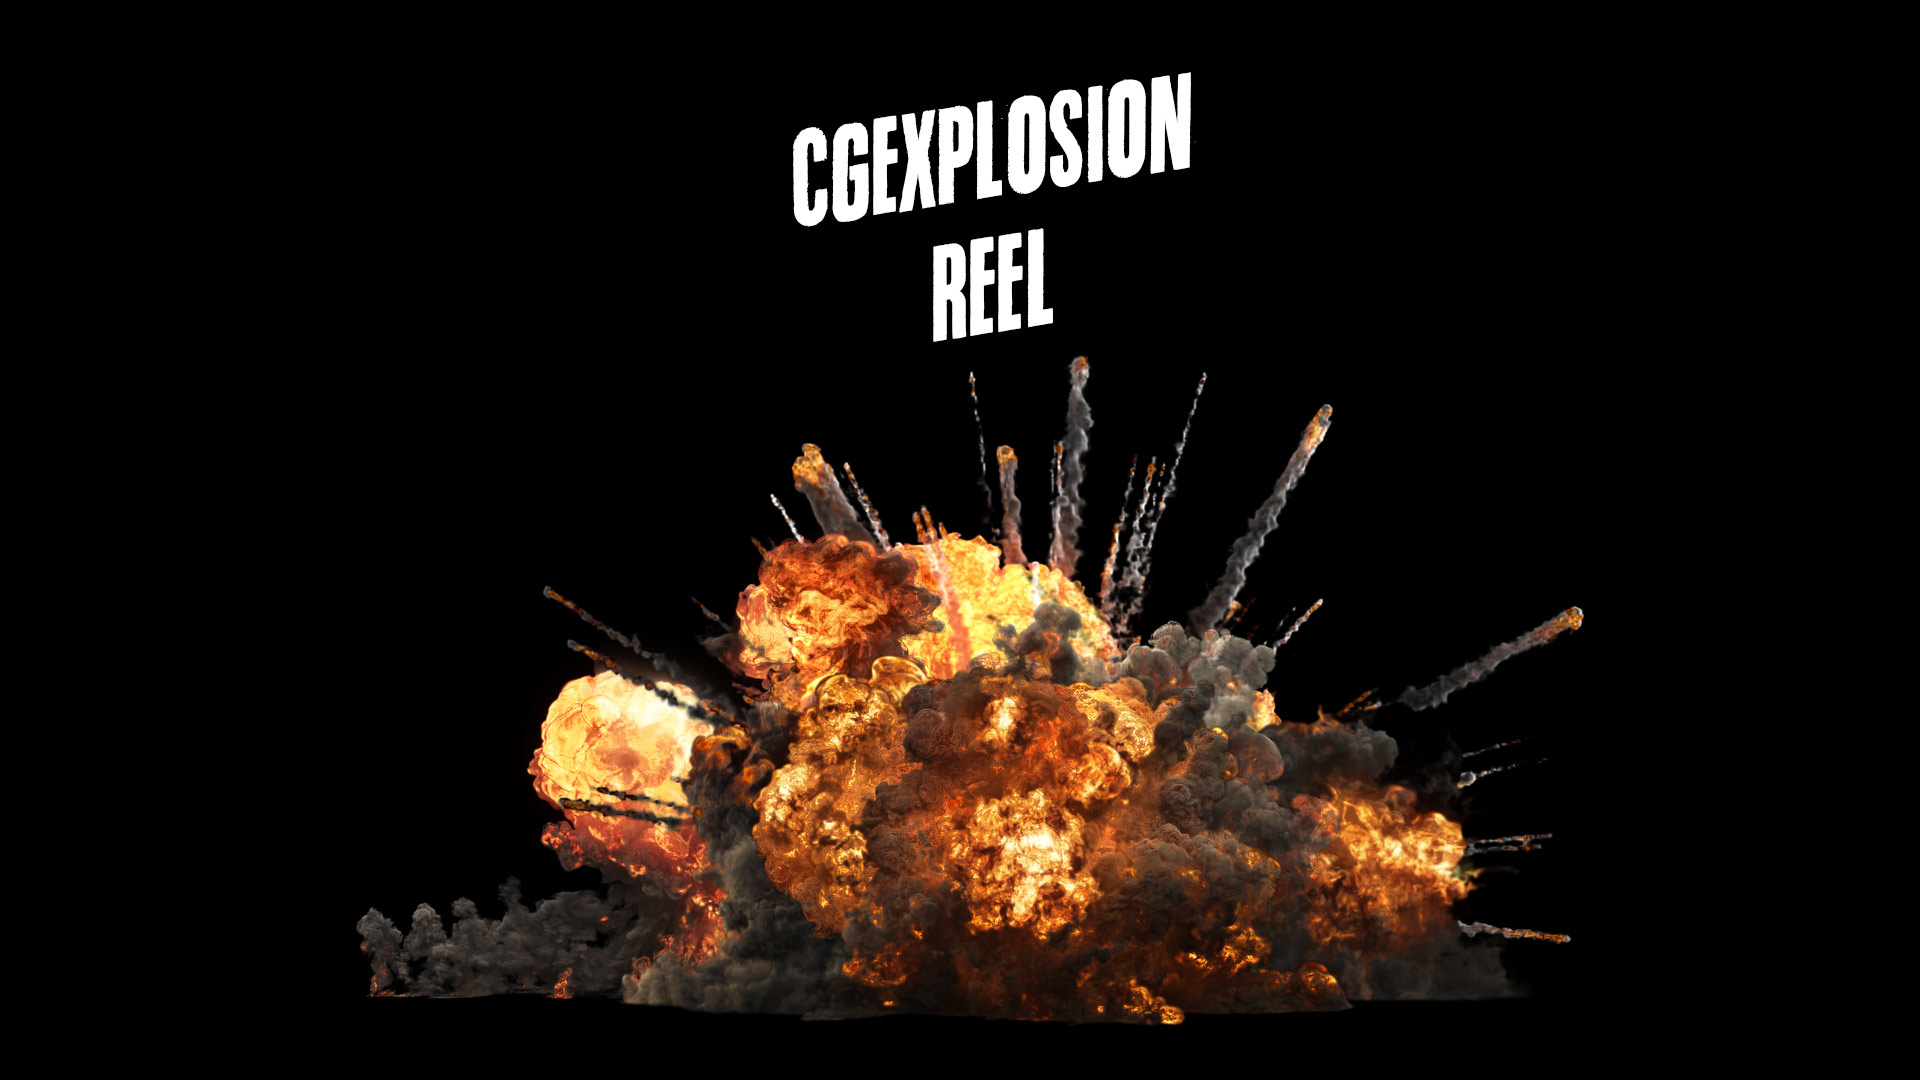 cgexplosion.com